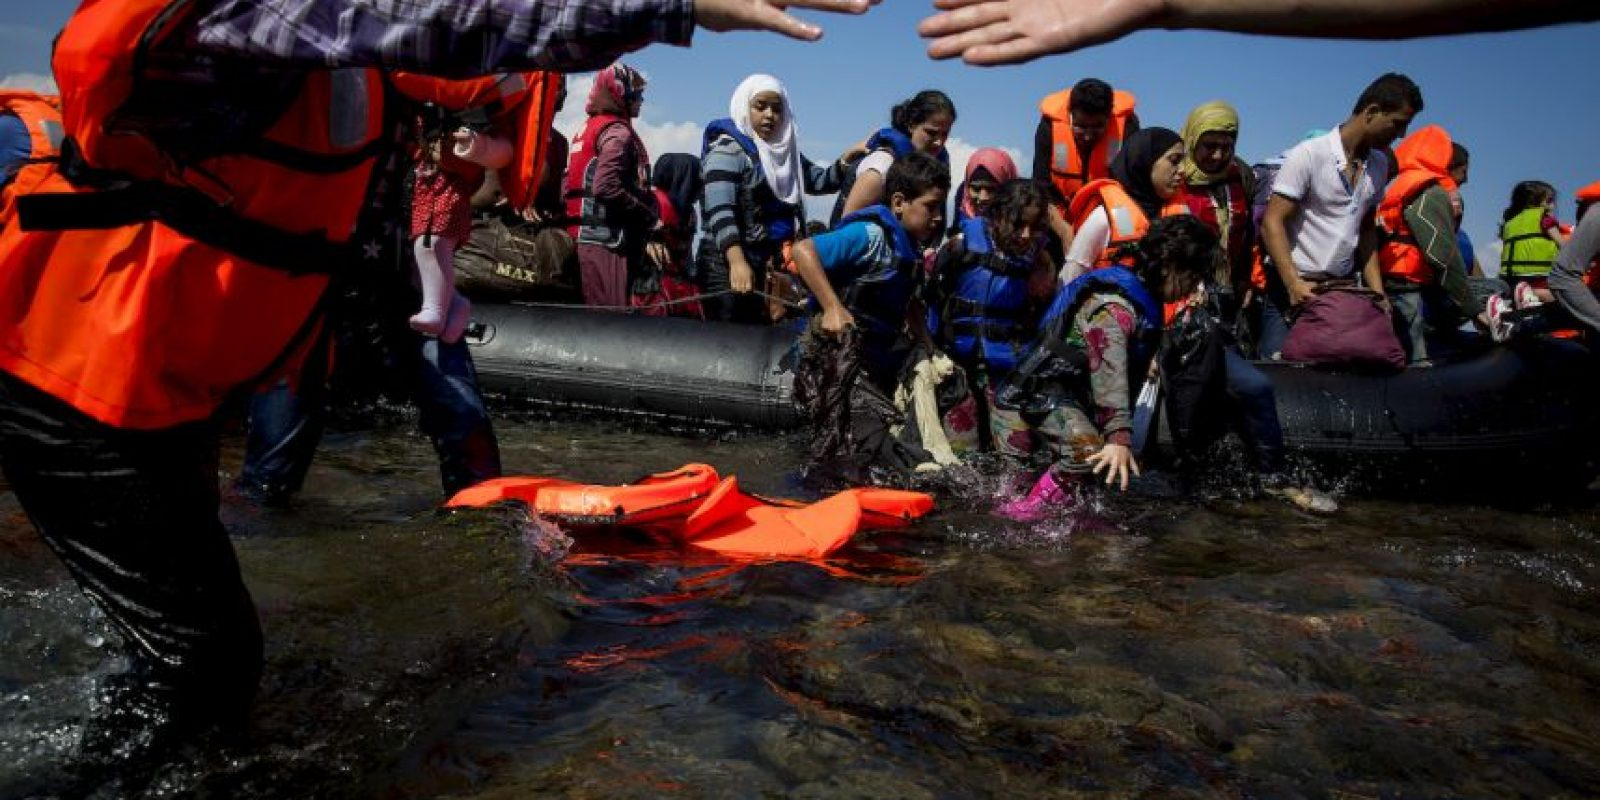 """""""Le enviamos hoy esta carta junto con un chaleco salvavidas que perteneció a una de las 15 mil personas que han sido rescatadas en el Mediterráneo desde el pasado mes de mayo por Médicos Sin Fronteras (MSF). Este chaleco salvavidas es de mala calidad, pero era la única seguridad con la que contaba ese hombre, esa mujer o ese niño mientras intentaba cruzar el mar para llegar a Europa"""", lee la carta. Foto:Getty Images"""